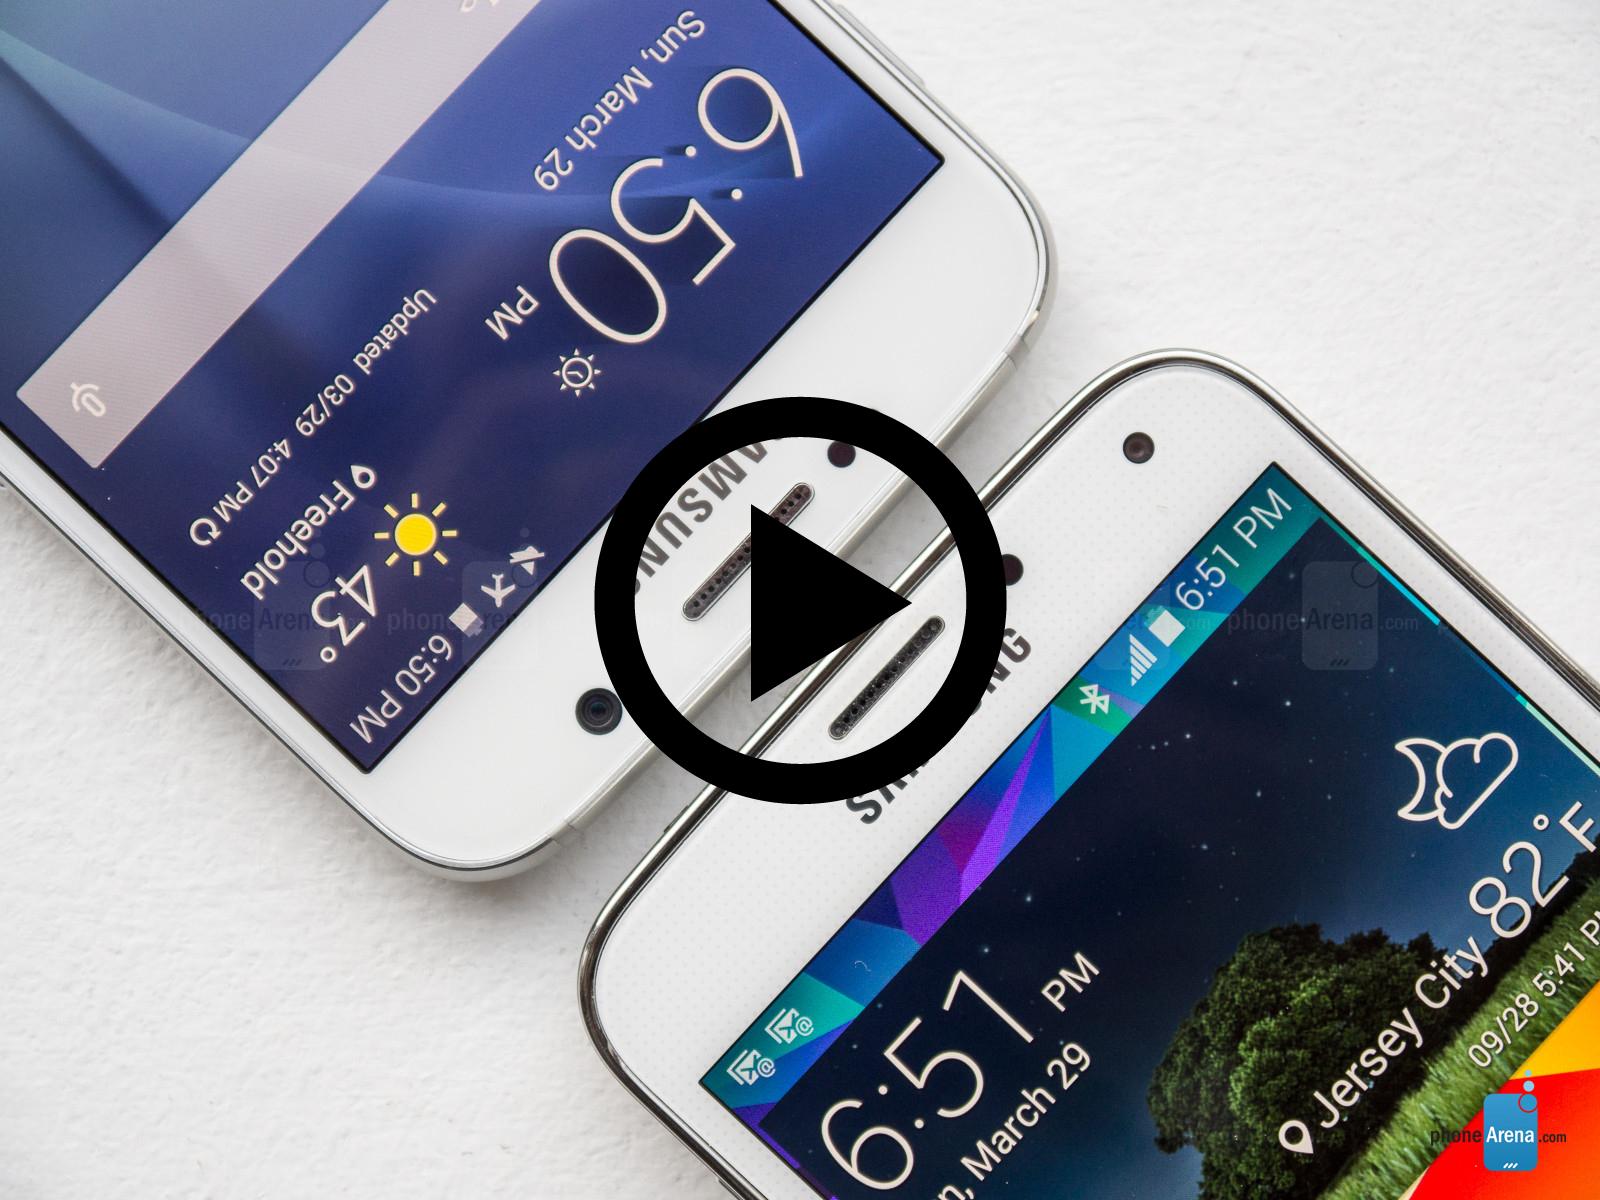 Samsung-Galaxy-S6-vs-Samsung-Galaxy-S5-008